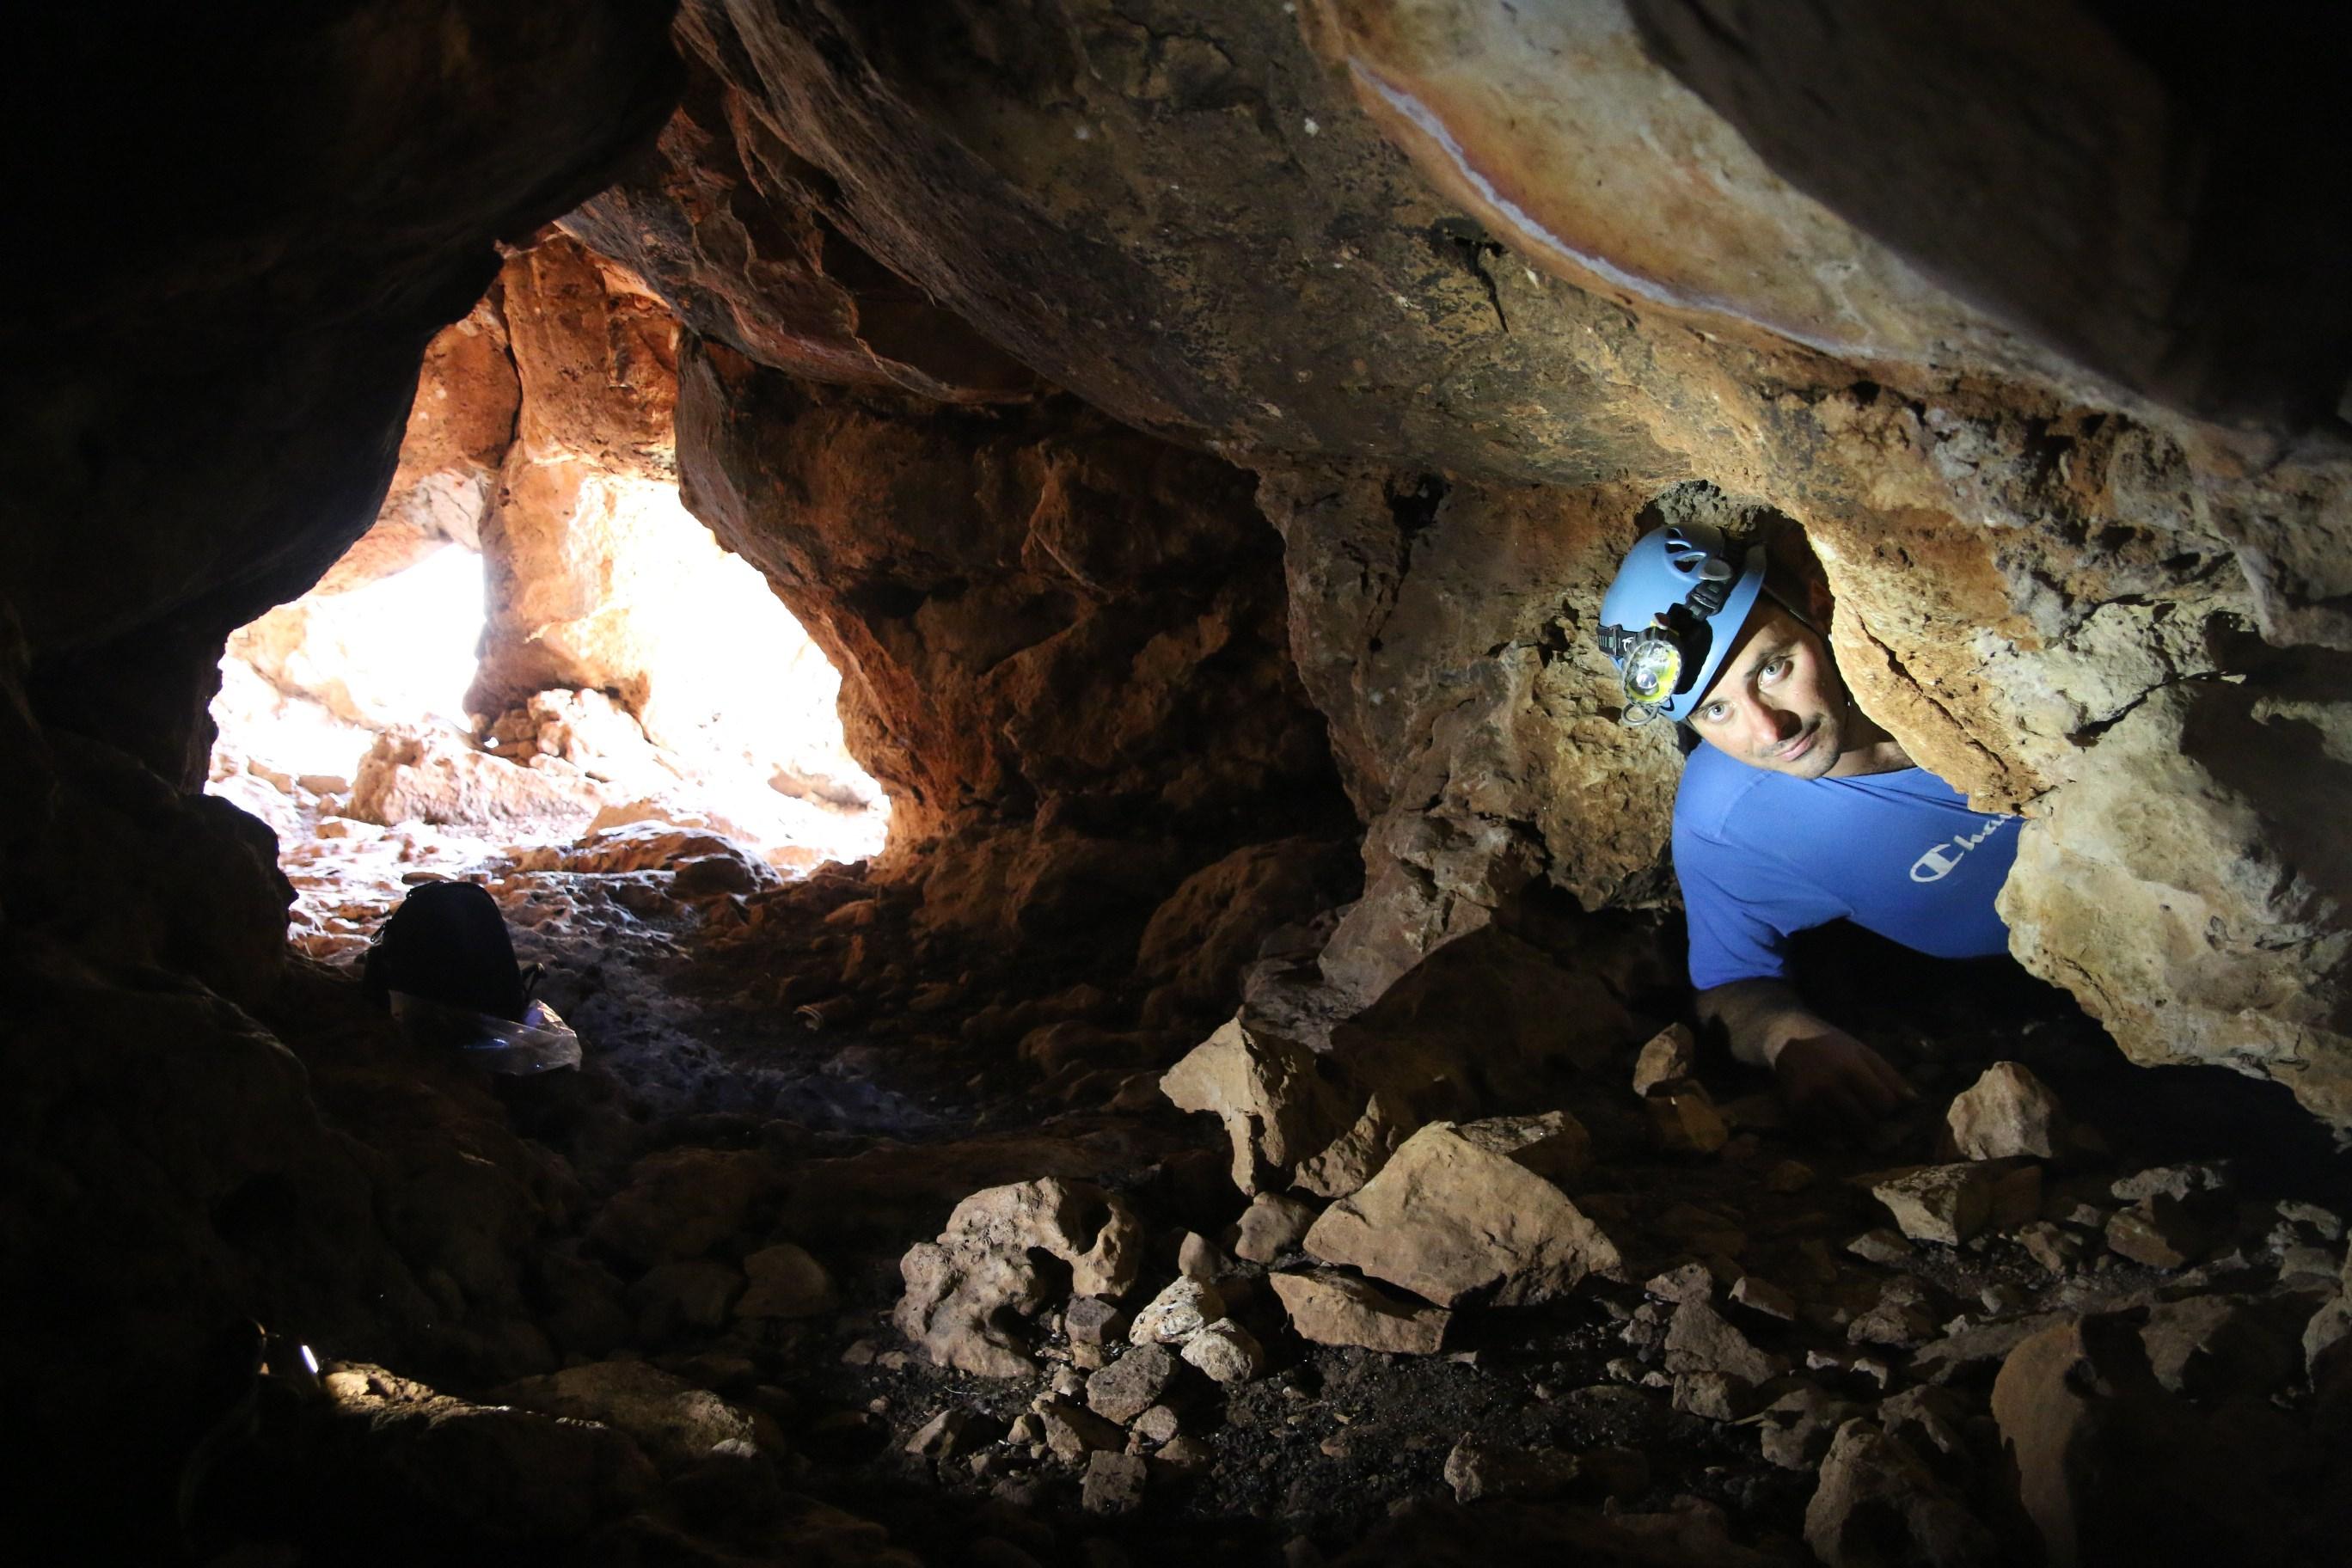 מחילה פנימית בין פתחיה הרבים של המערה